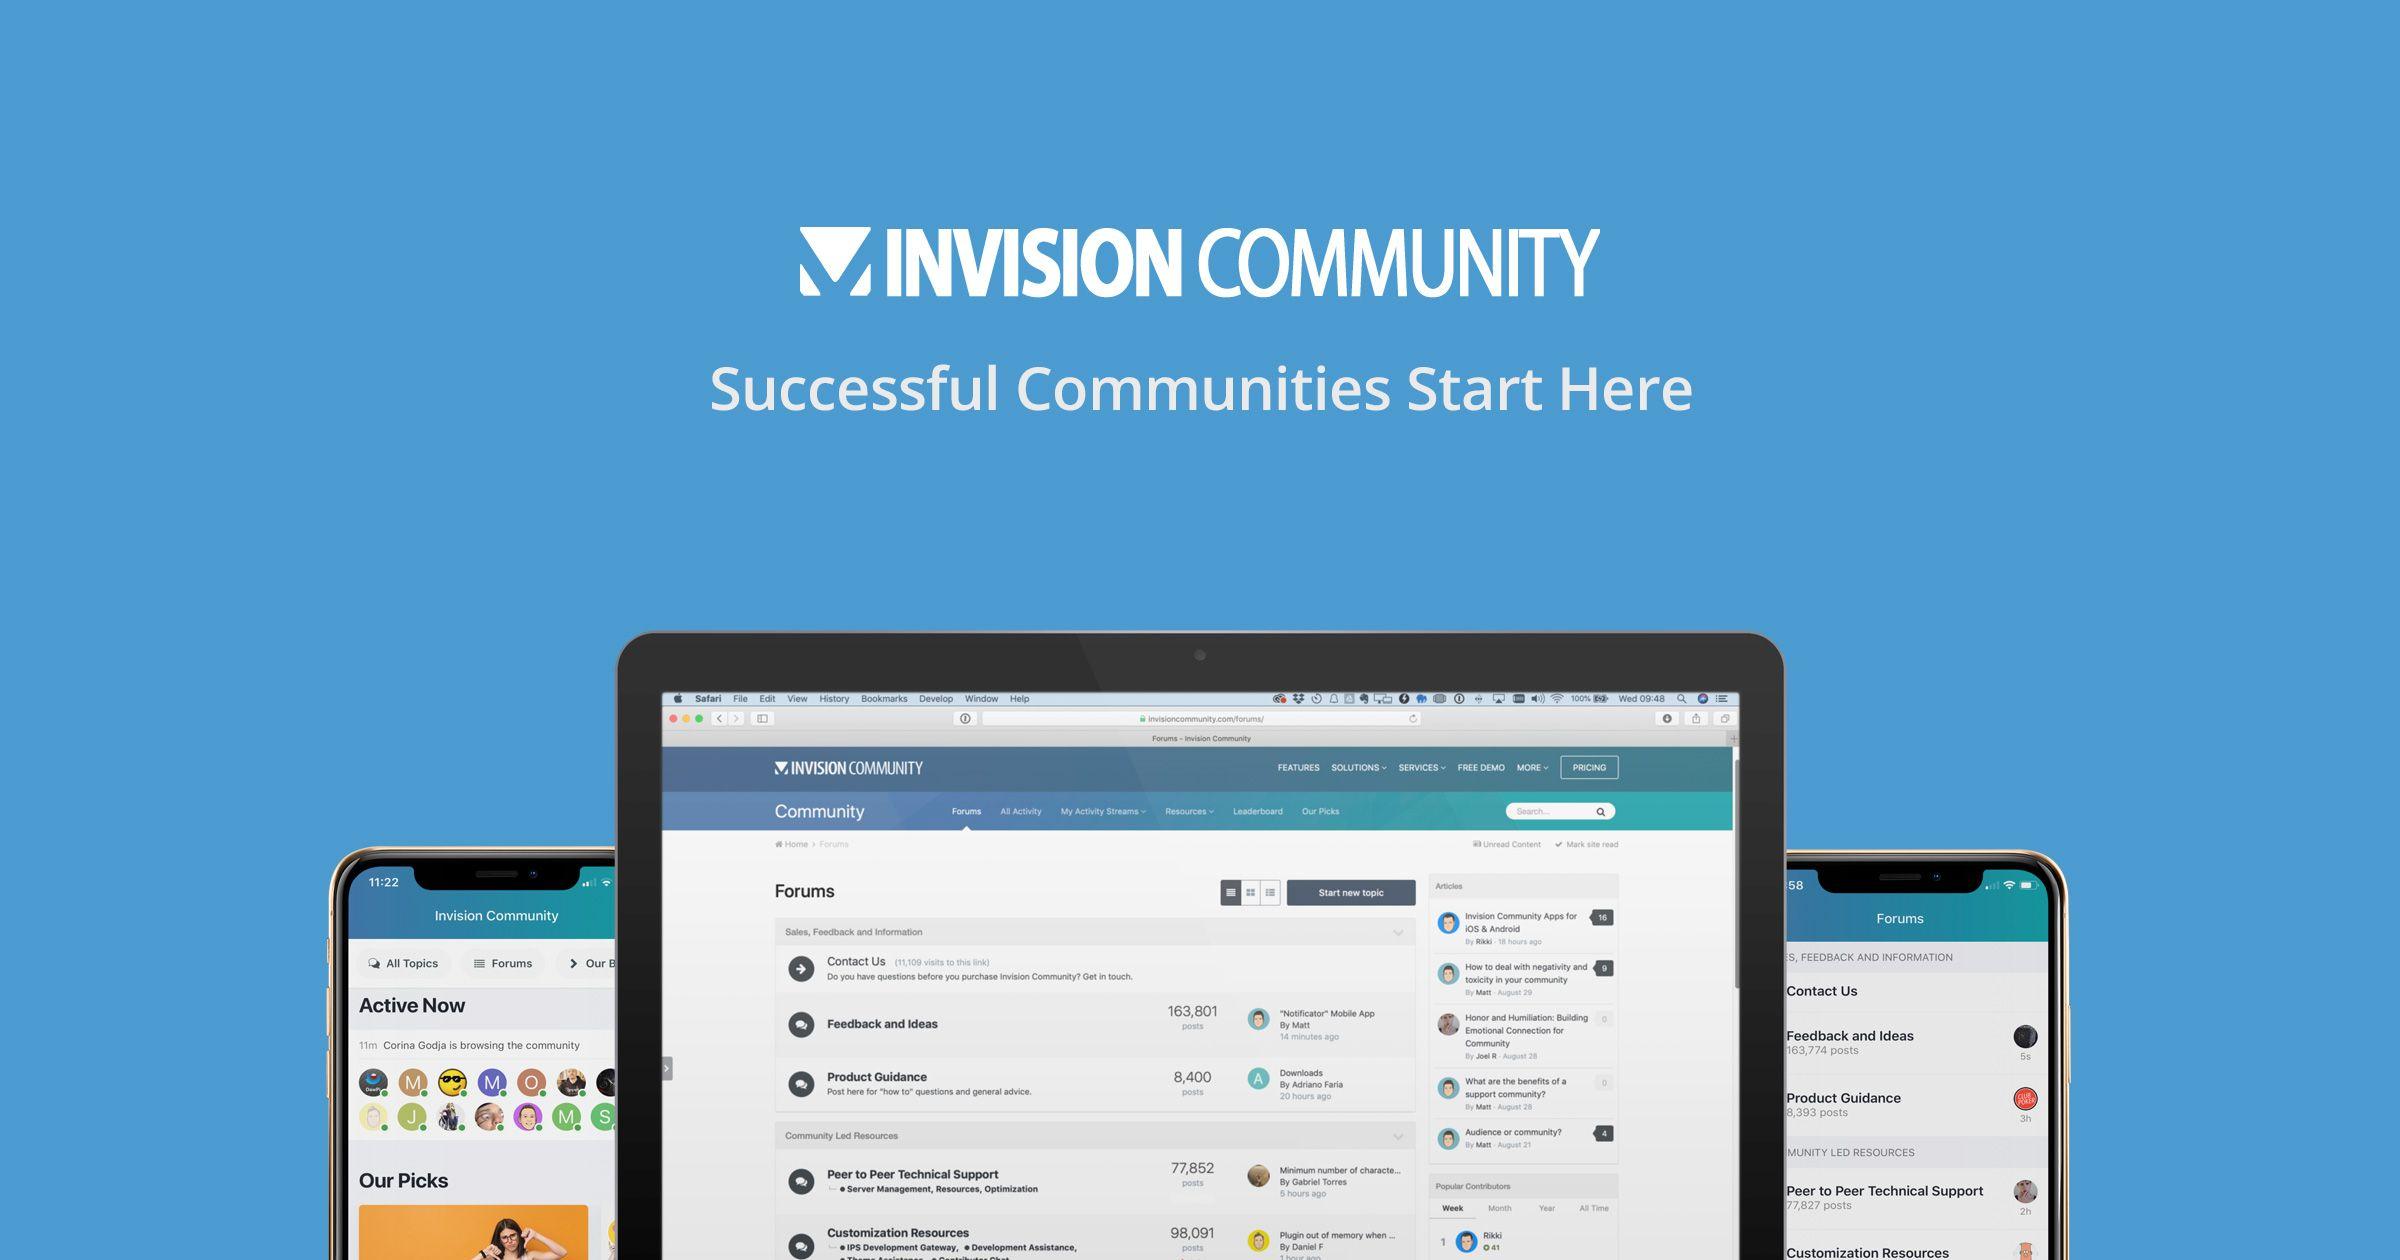 invisioncommunity.com